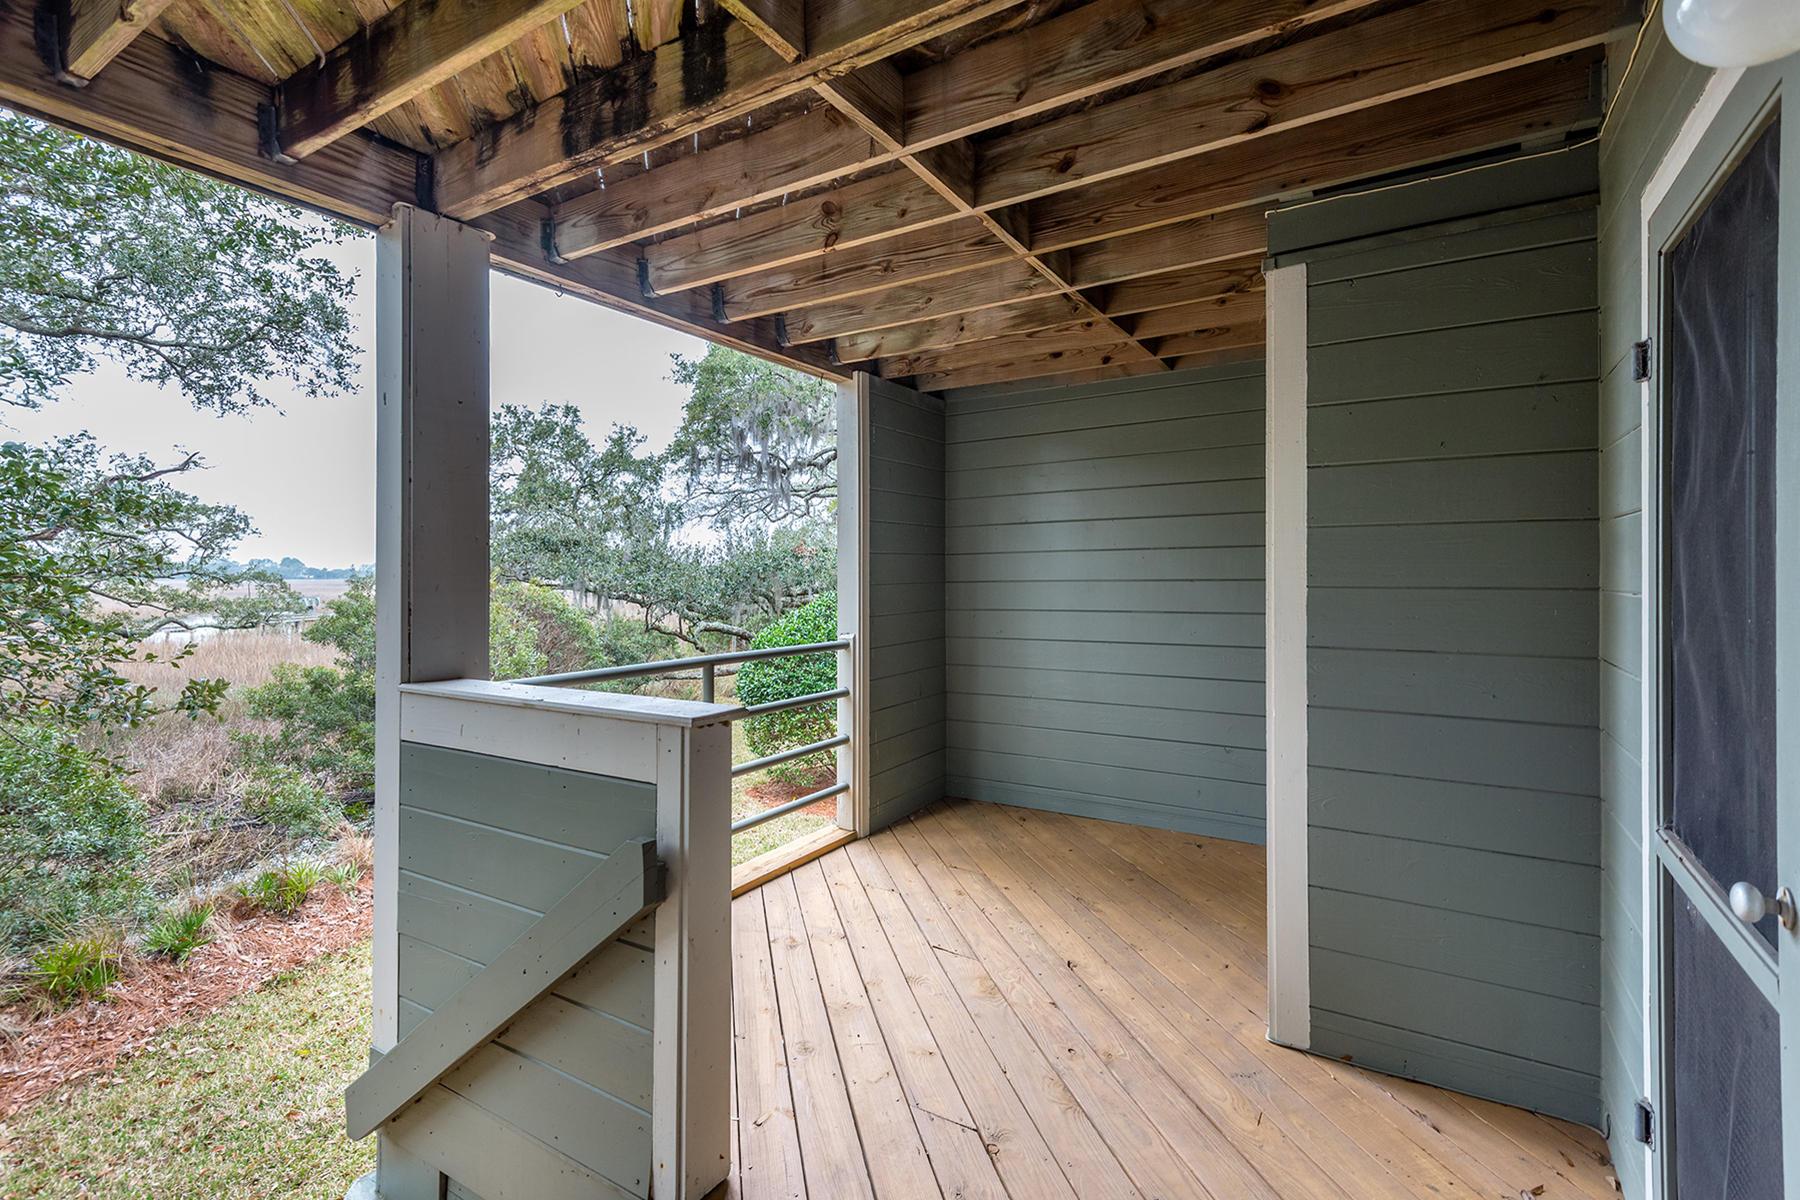 Seabrook Island Homes For Sale - 1701 Live Oak, Seabrook Island, SC - 11